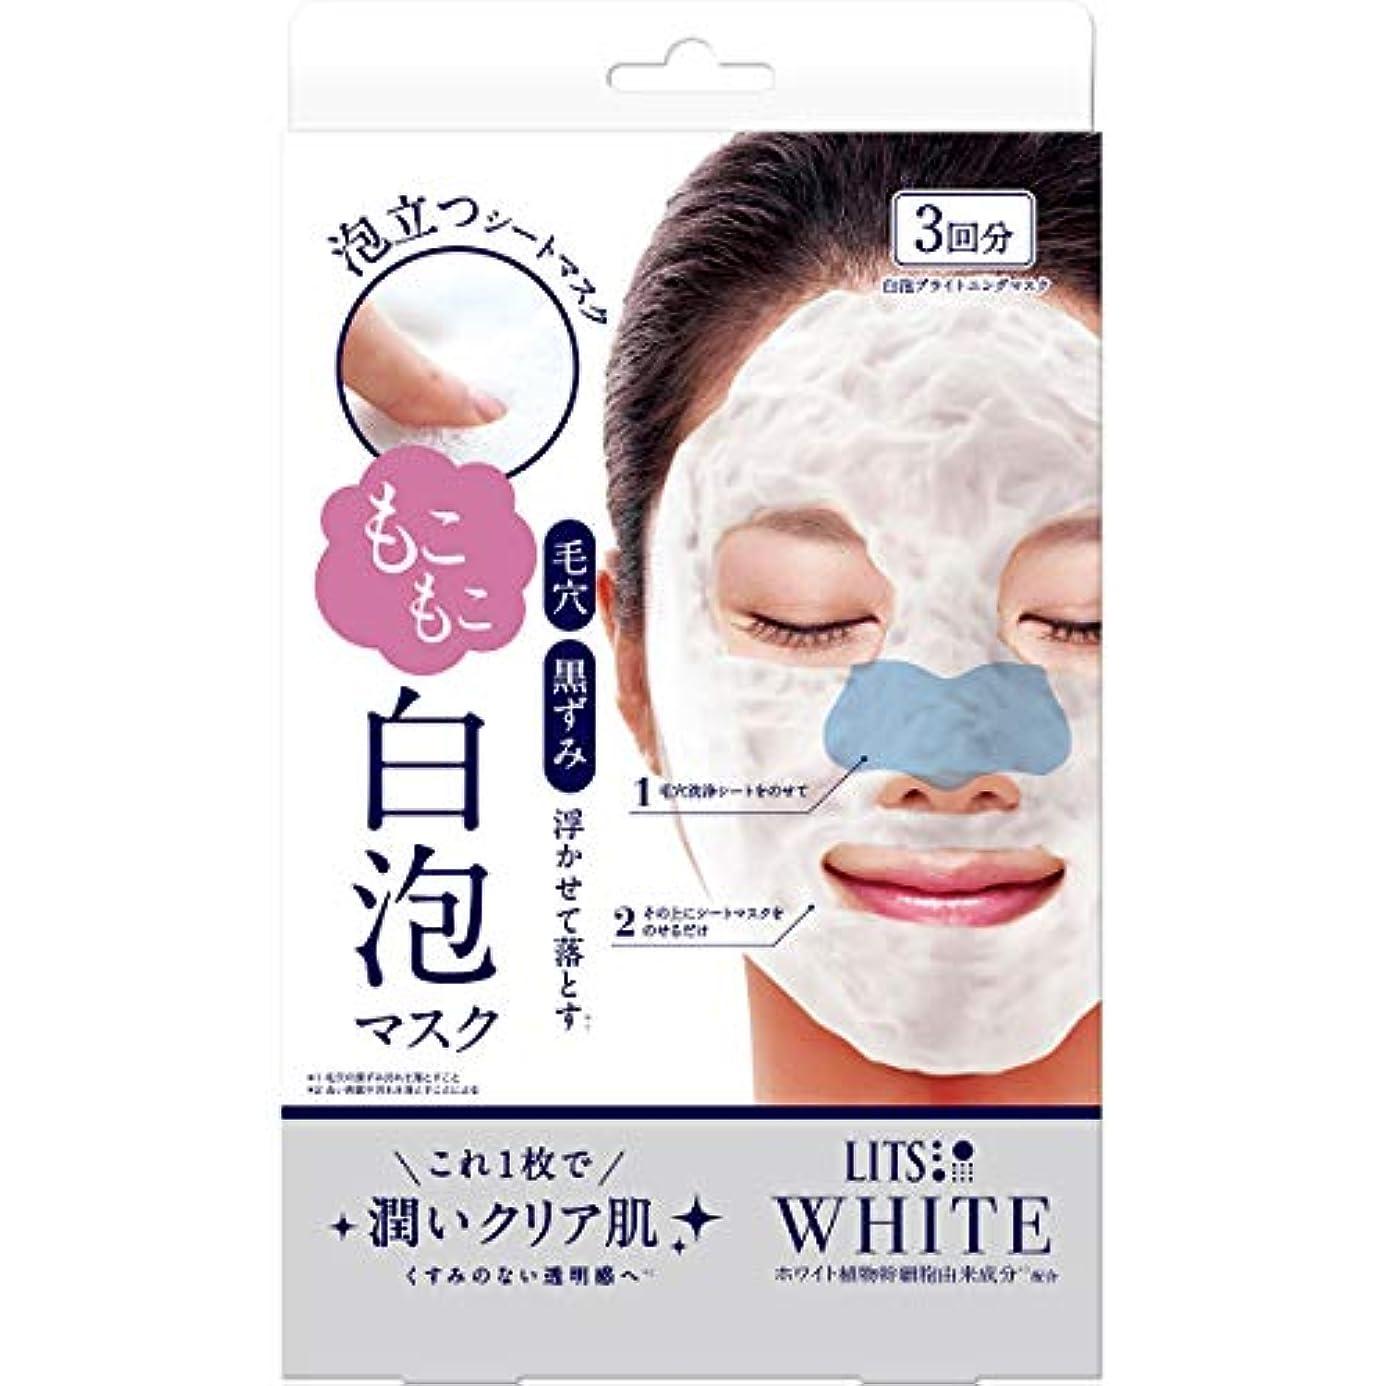 注入する本質的ではないオーバーフローリッツ ホワイト もこもこ白泡マスク 3枚